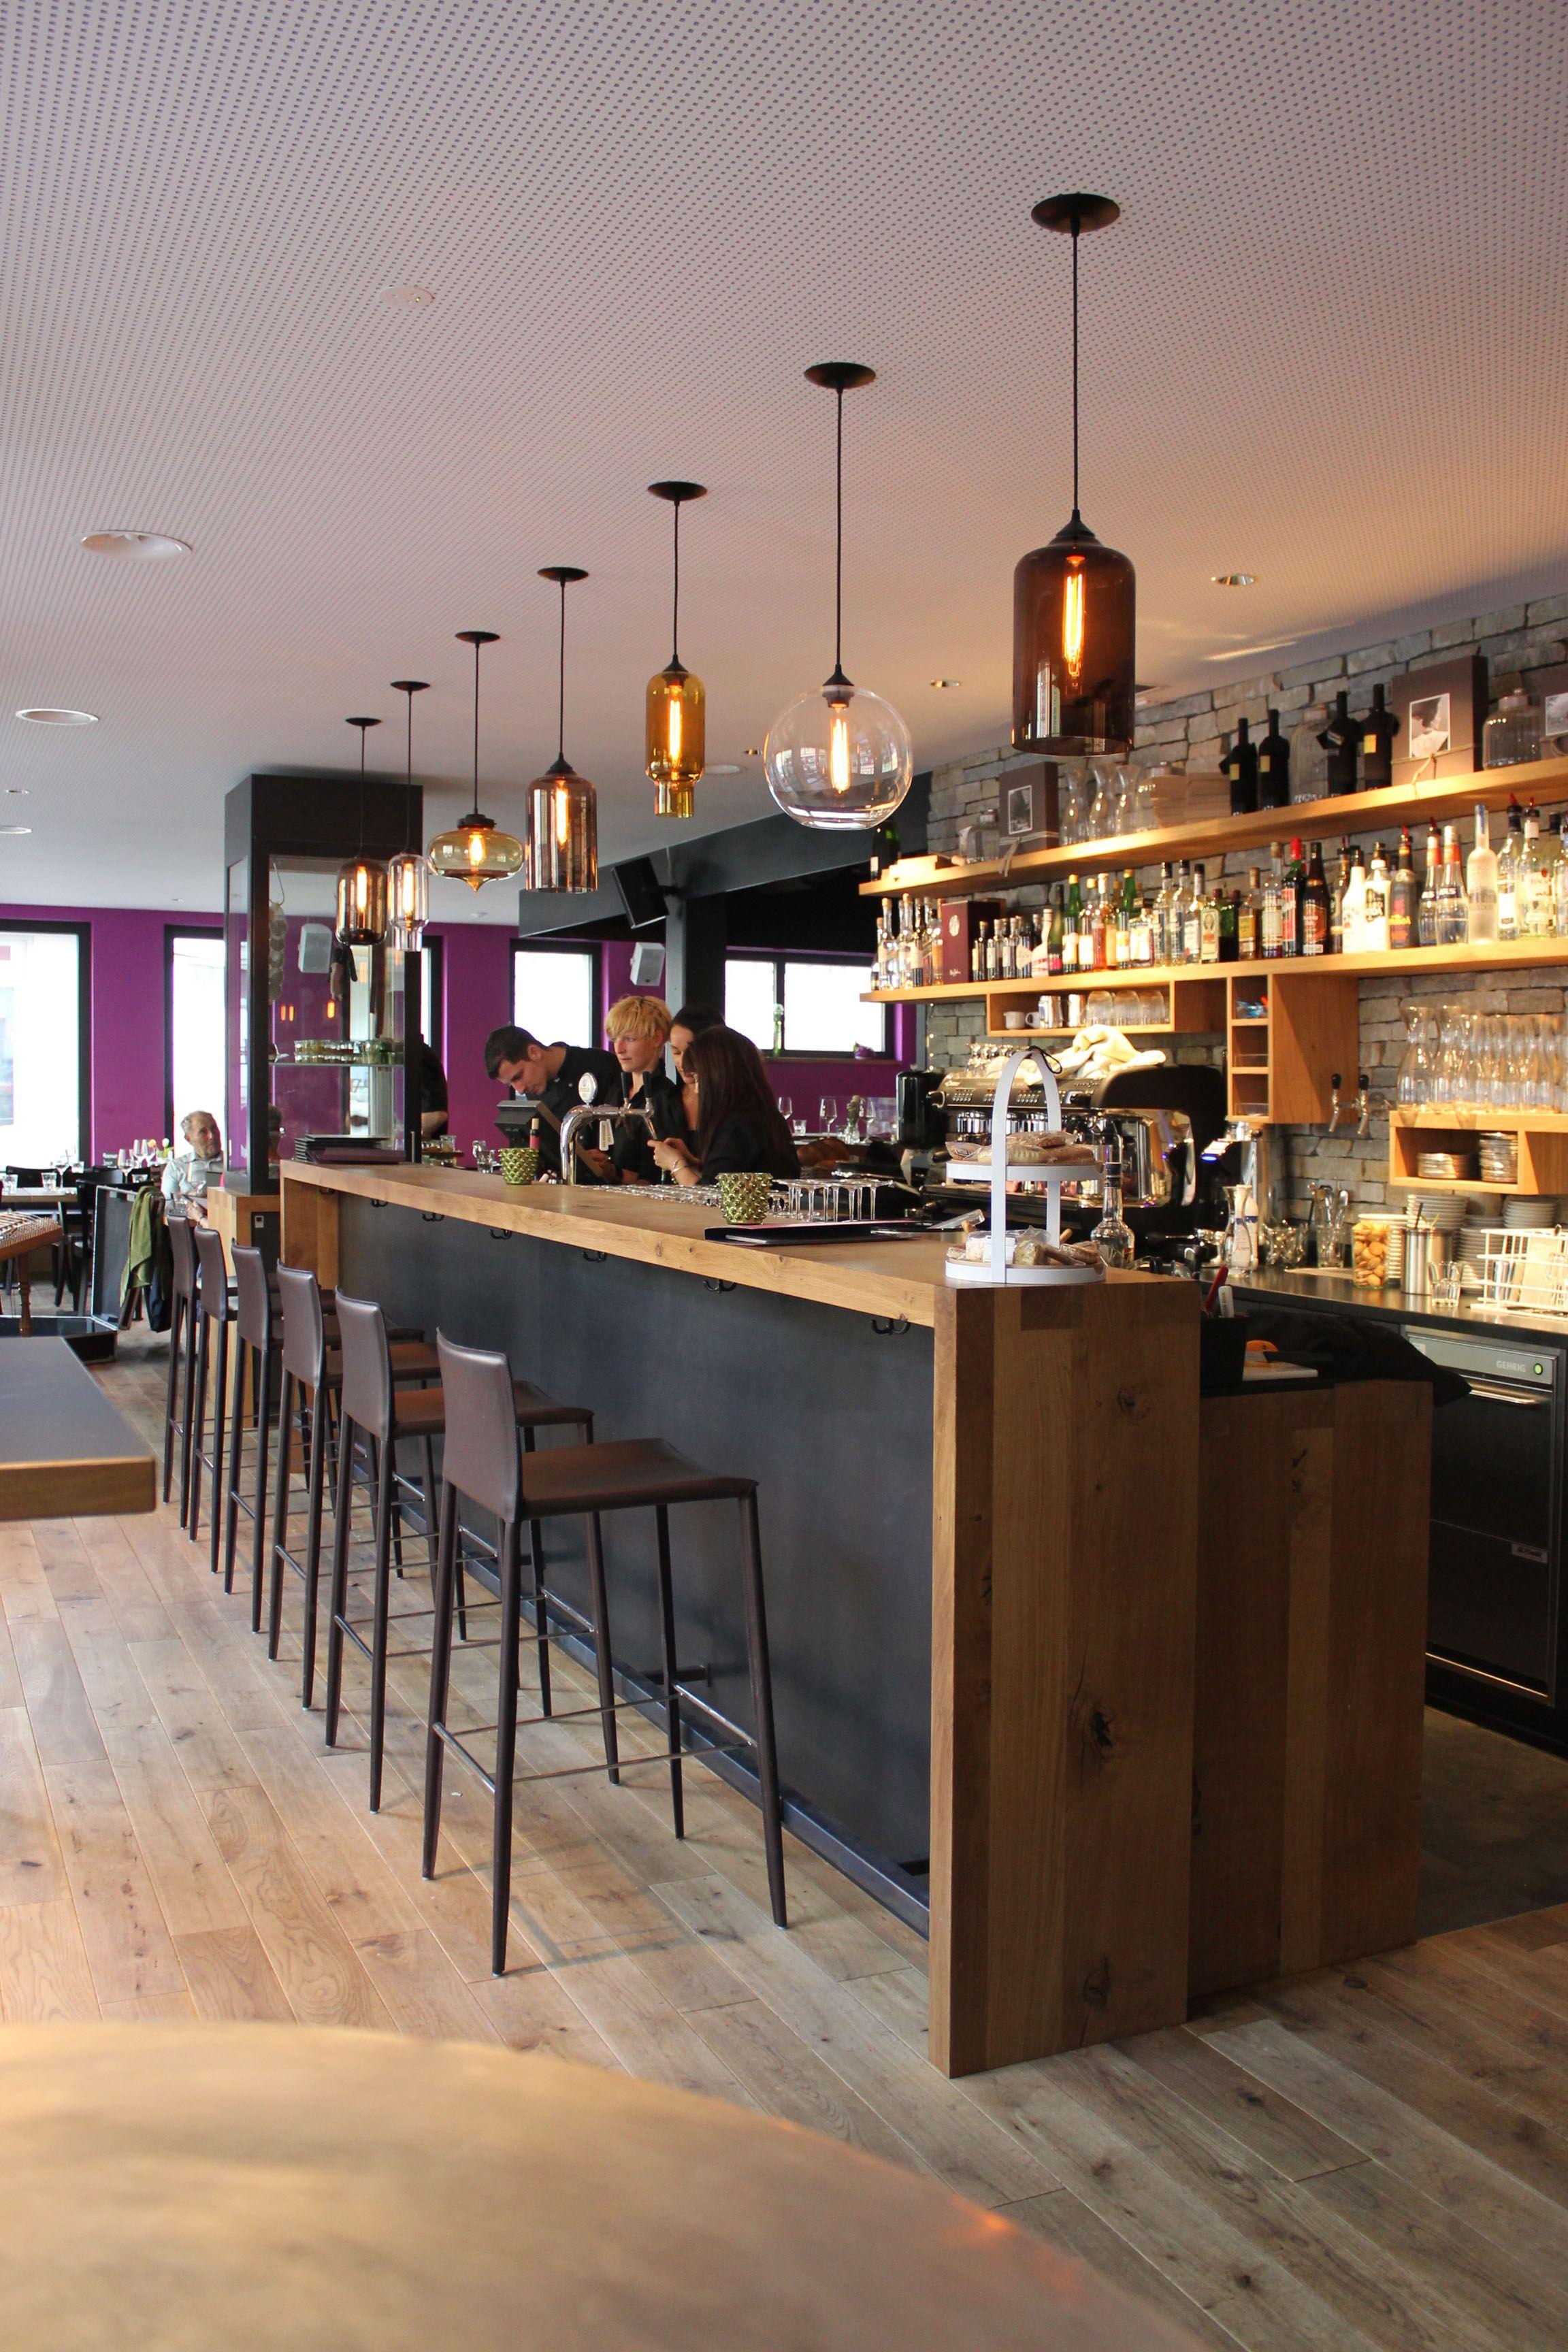 Modern Lighting Blog レストランの内装 キッチン リフォーム Diy